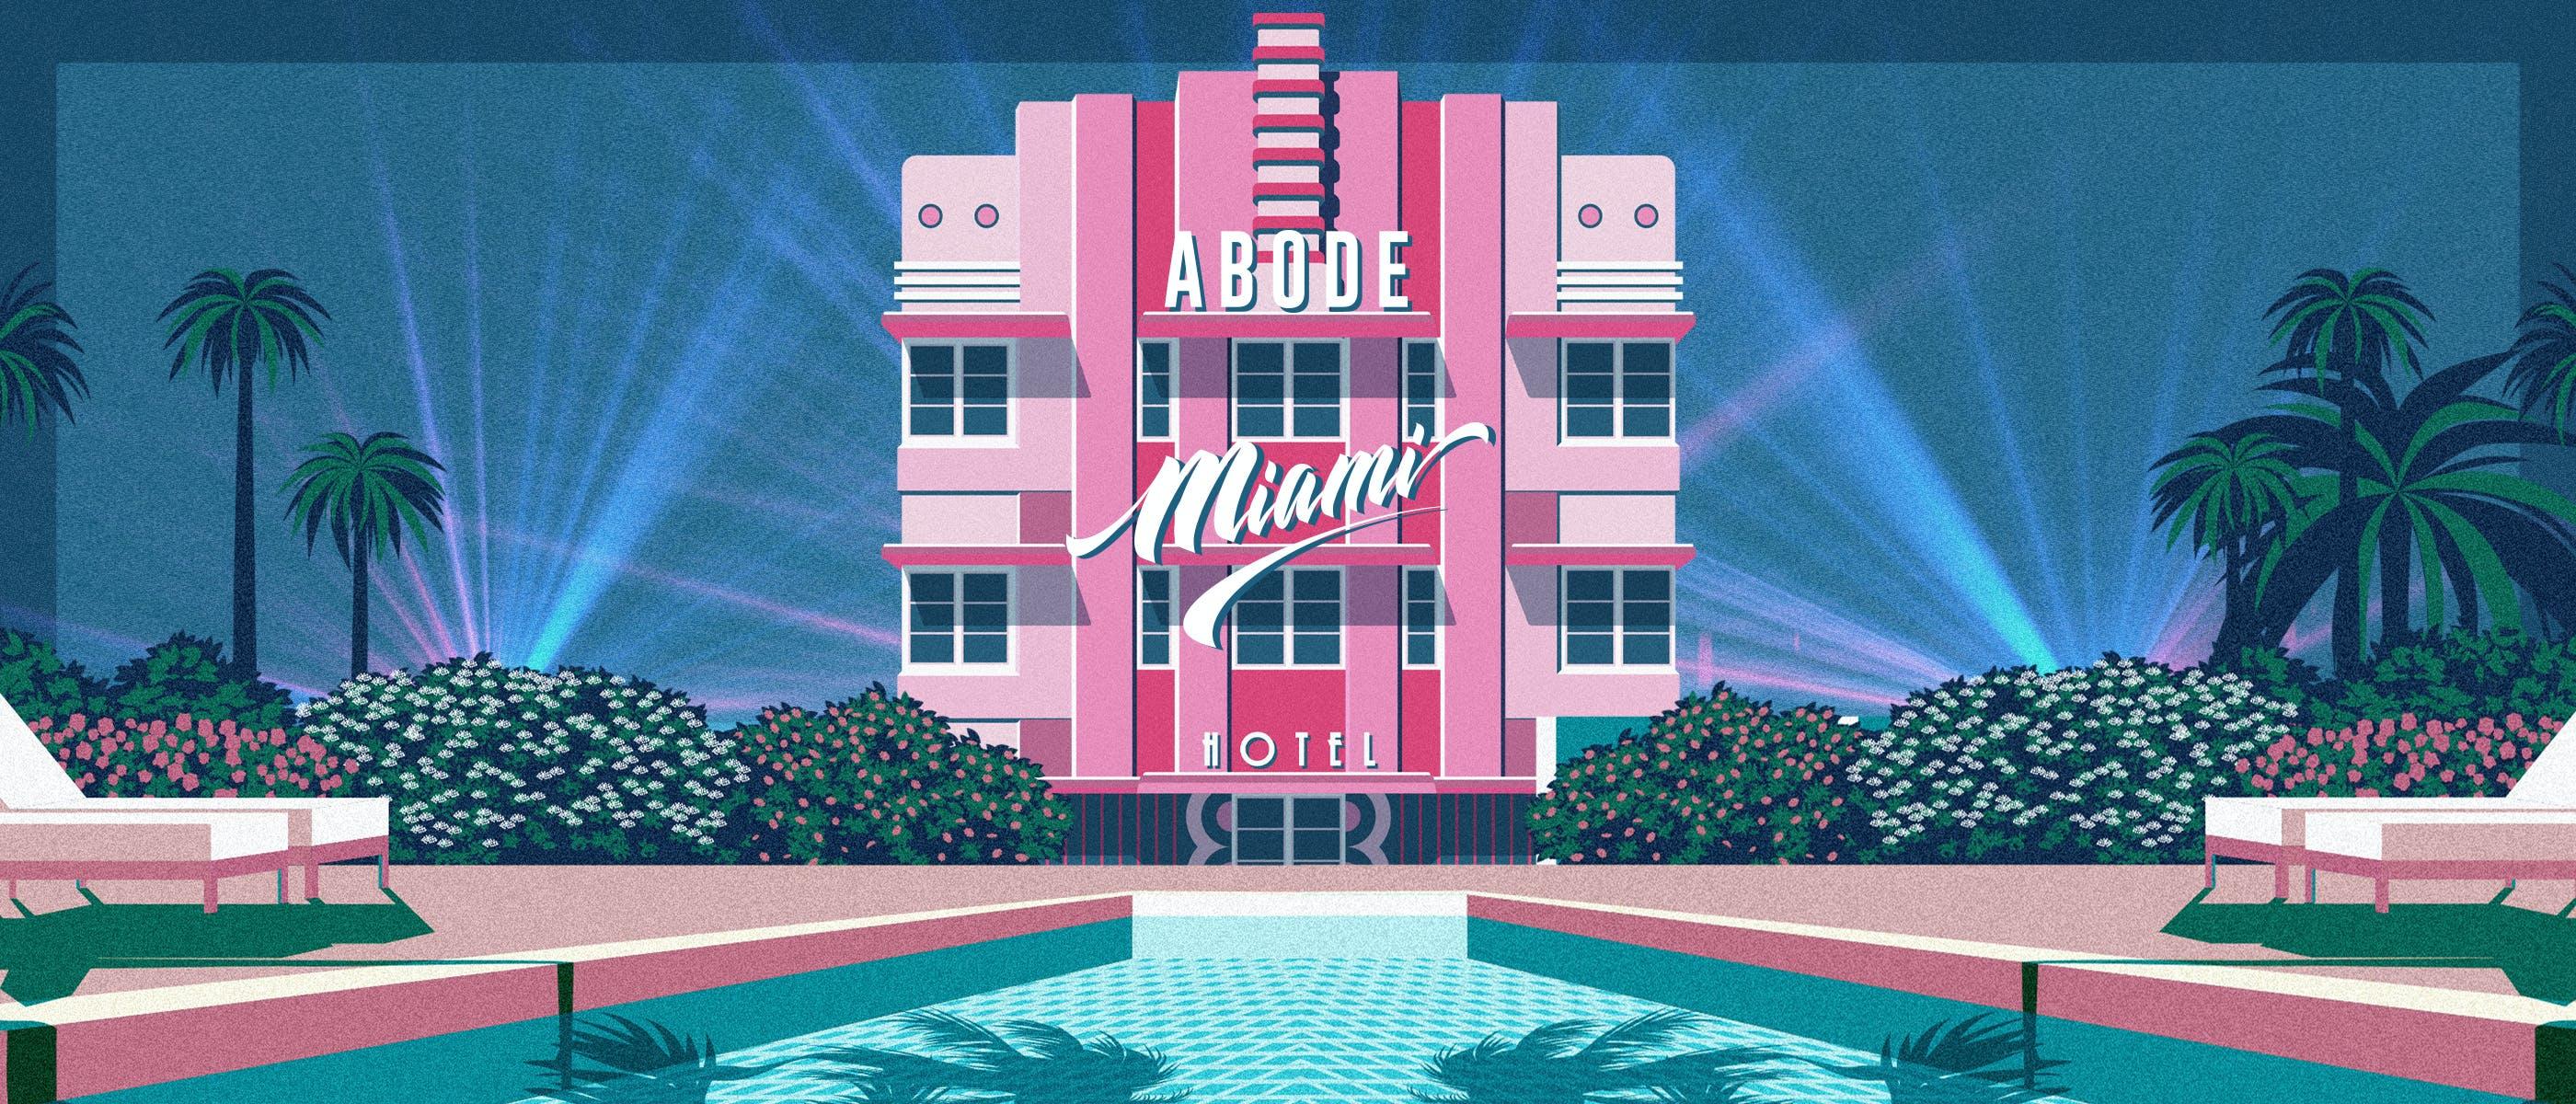 Abode Miami